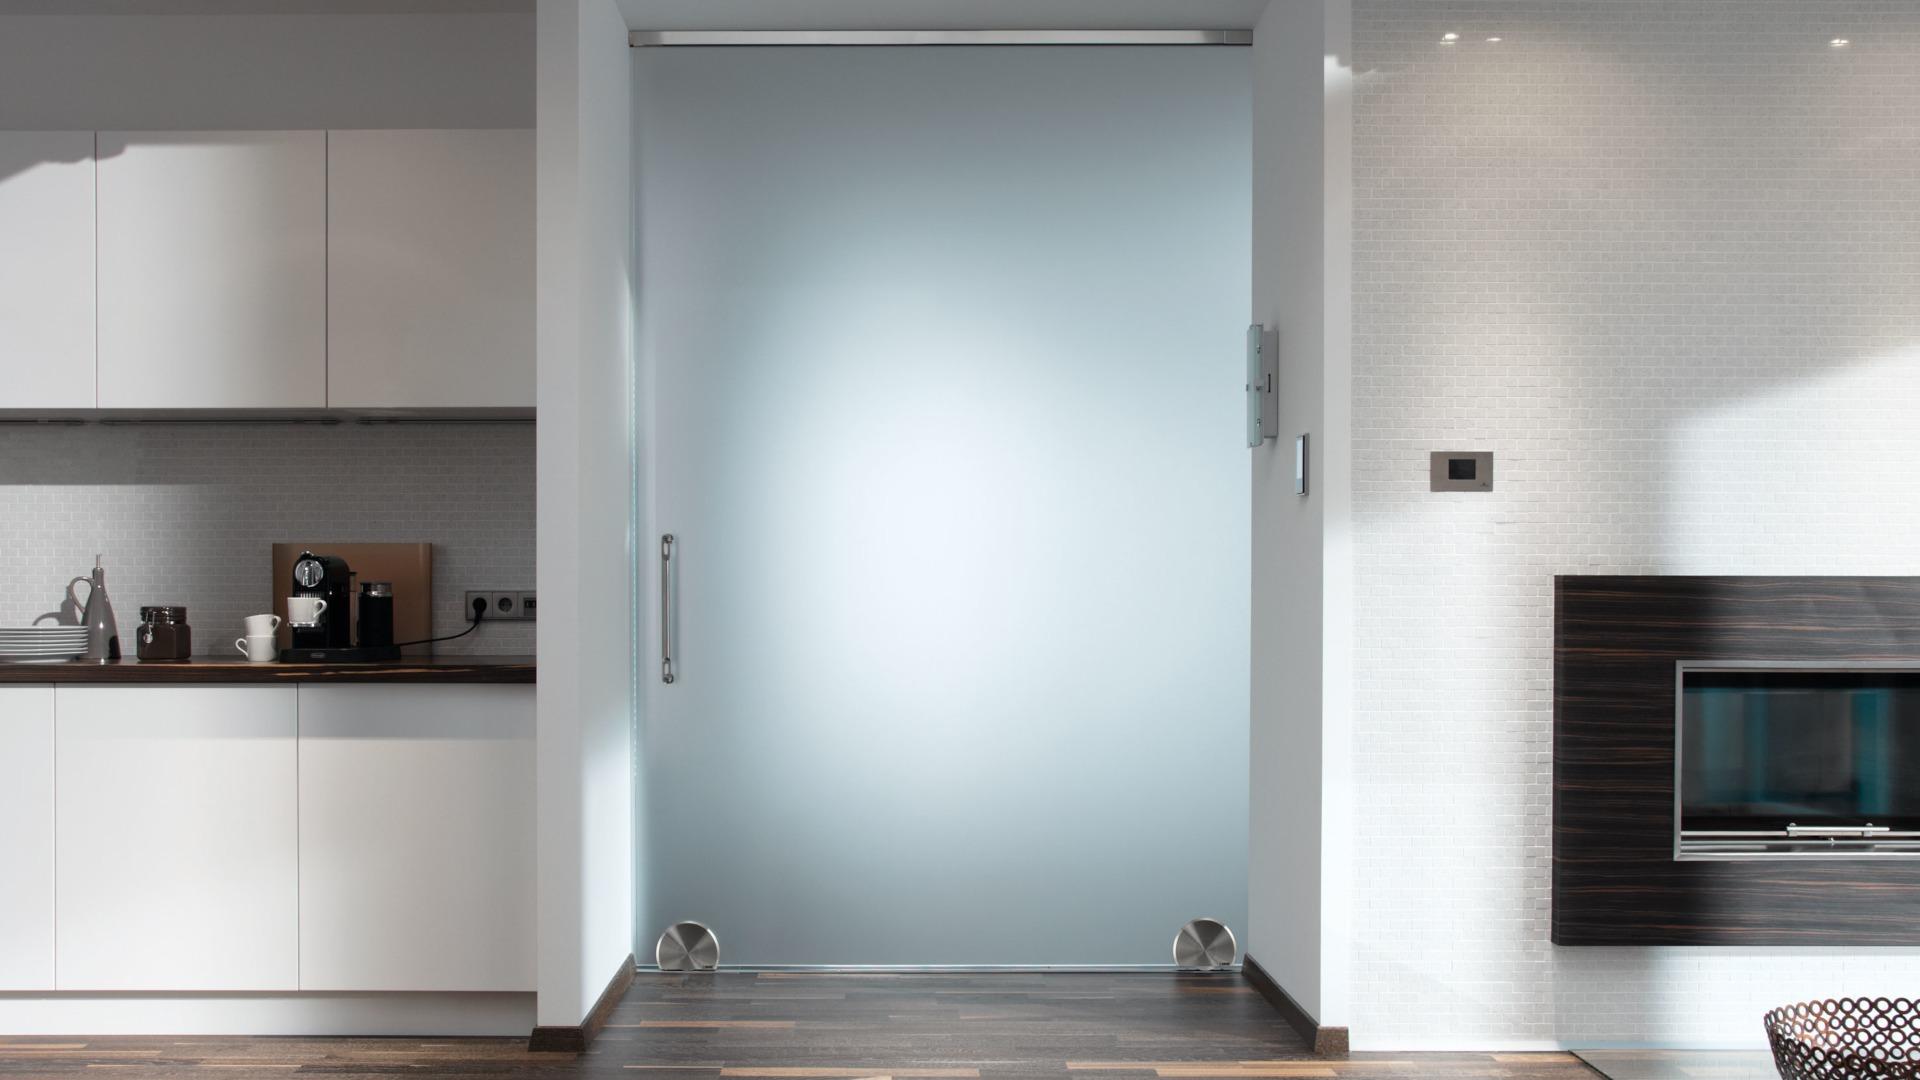 Terra M - døren som hviler på bakken